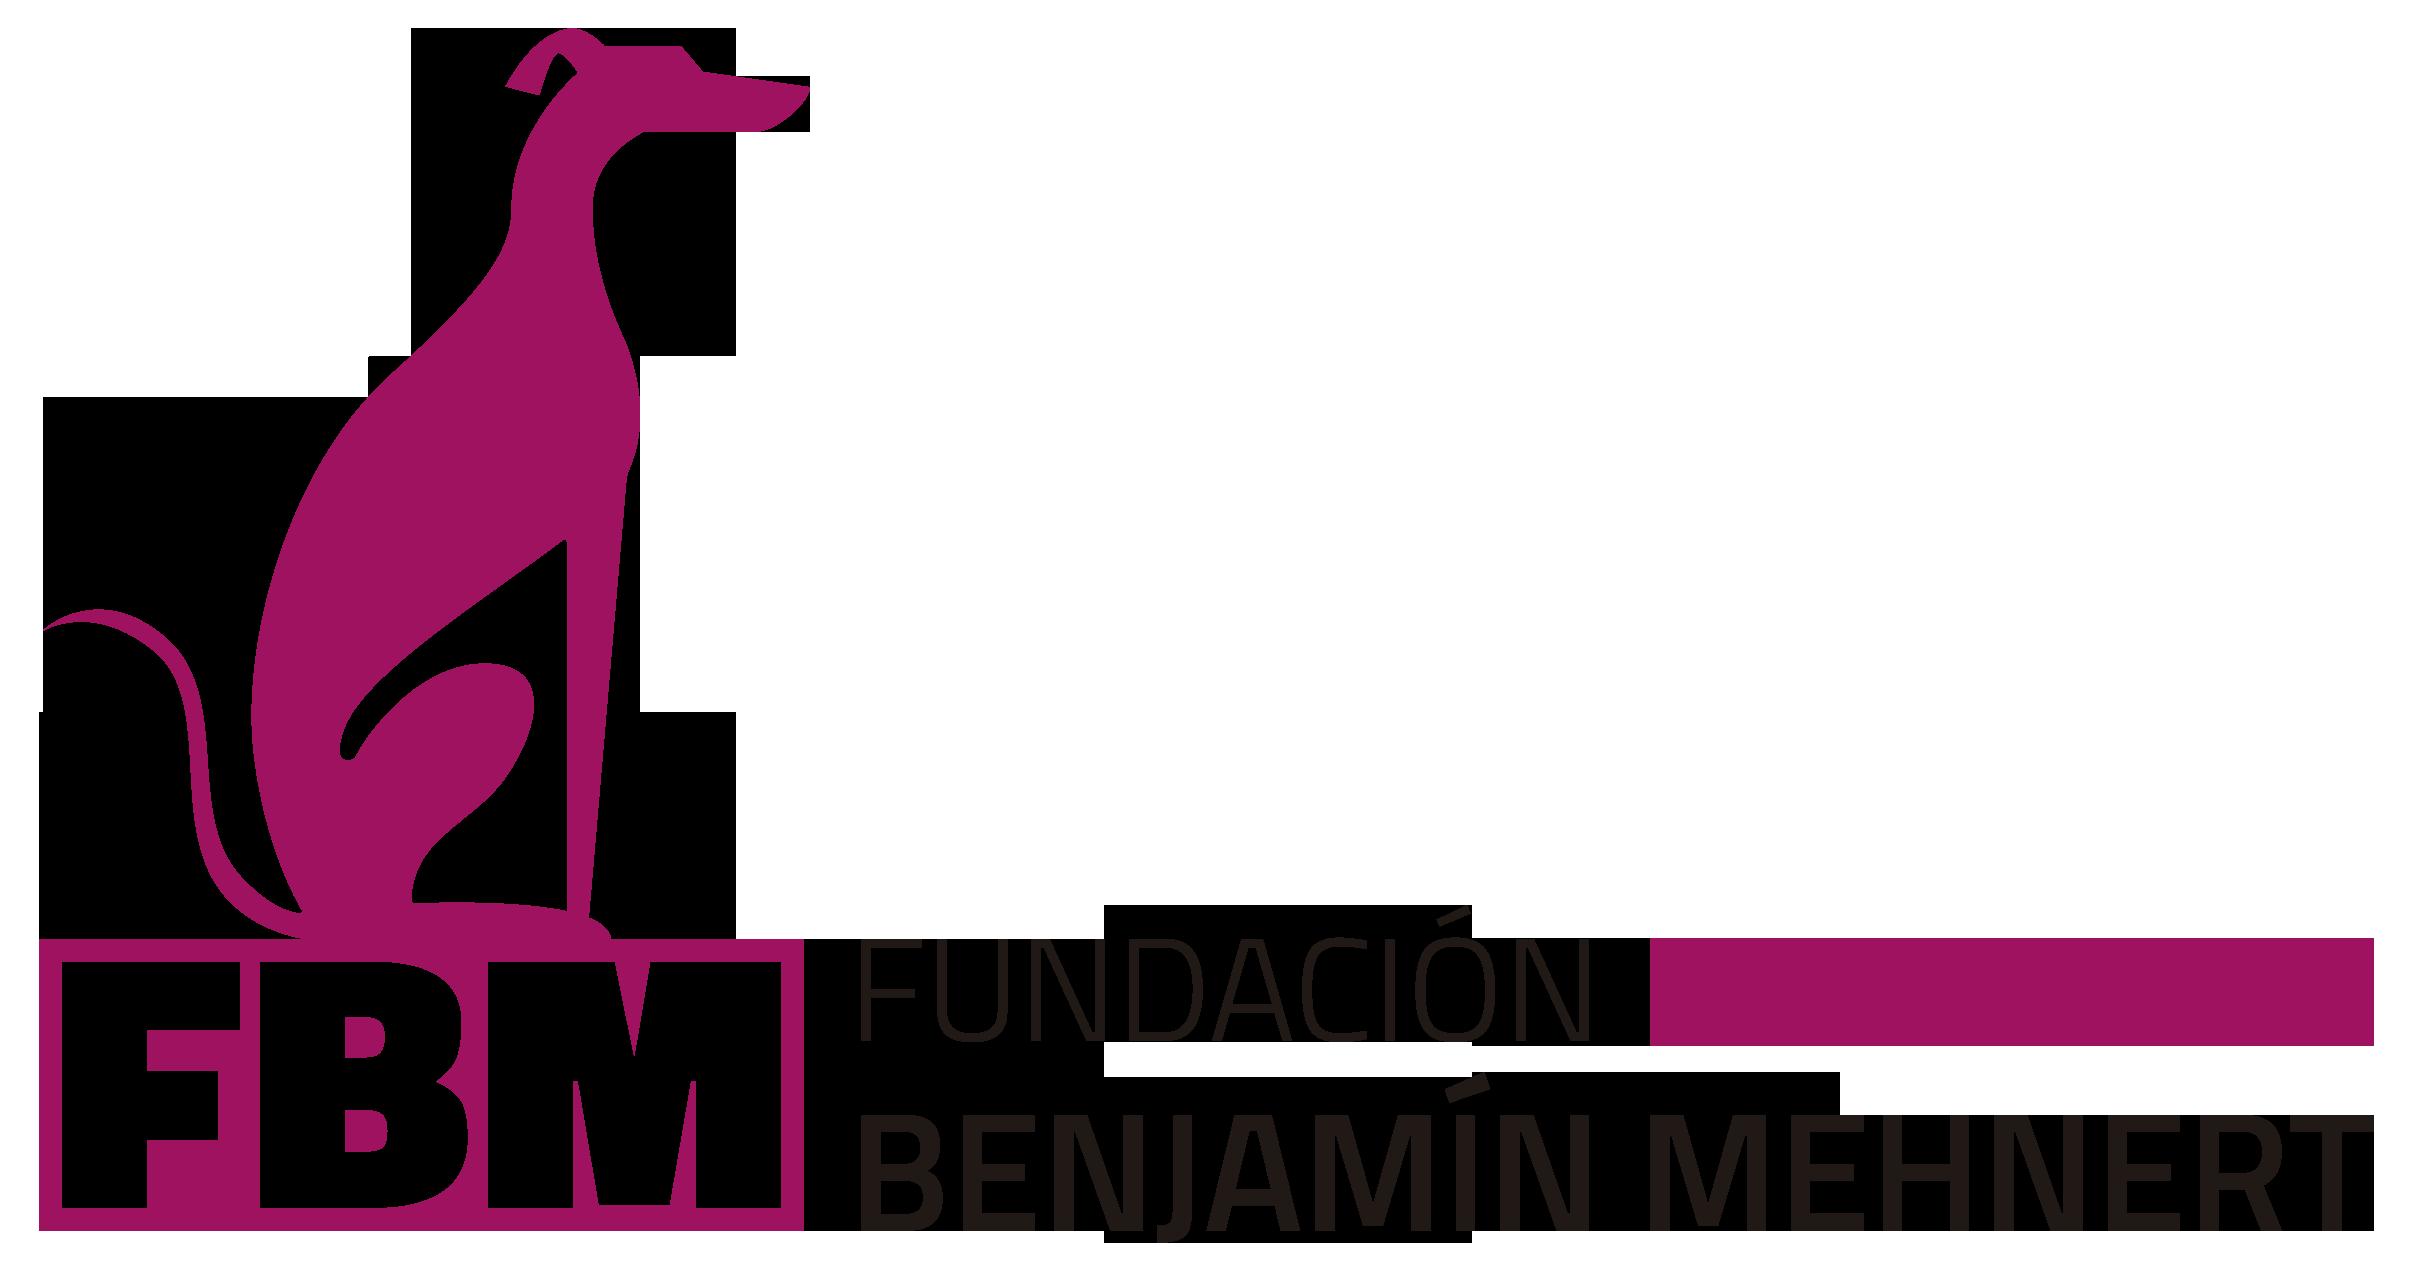 Fundacion bm